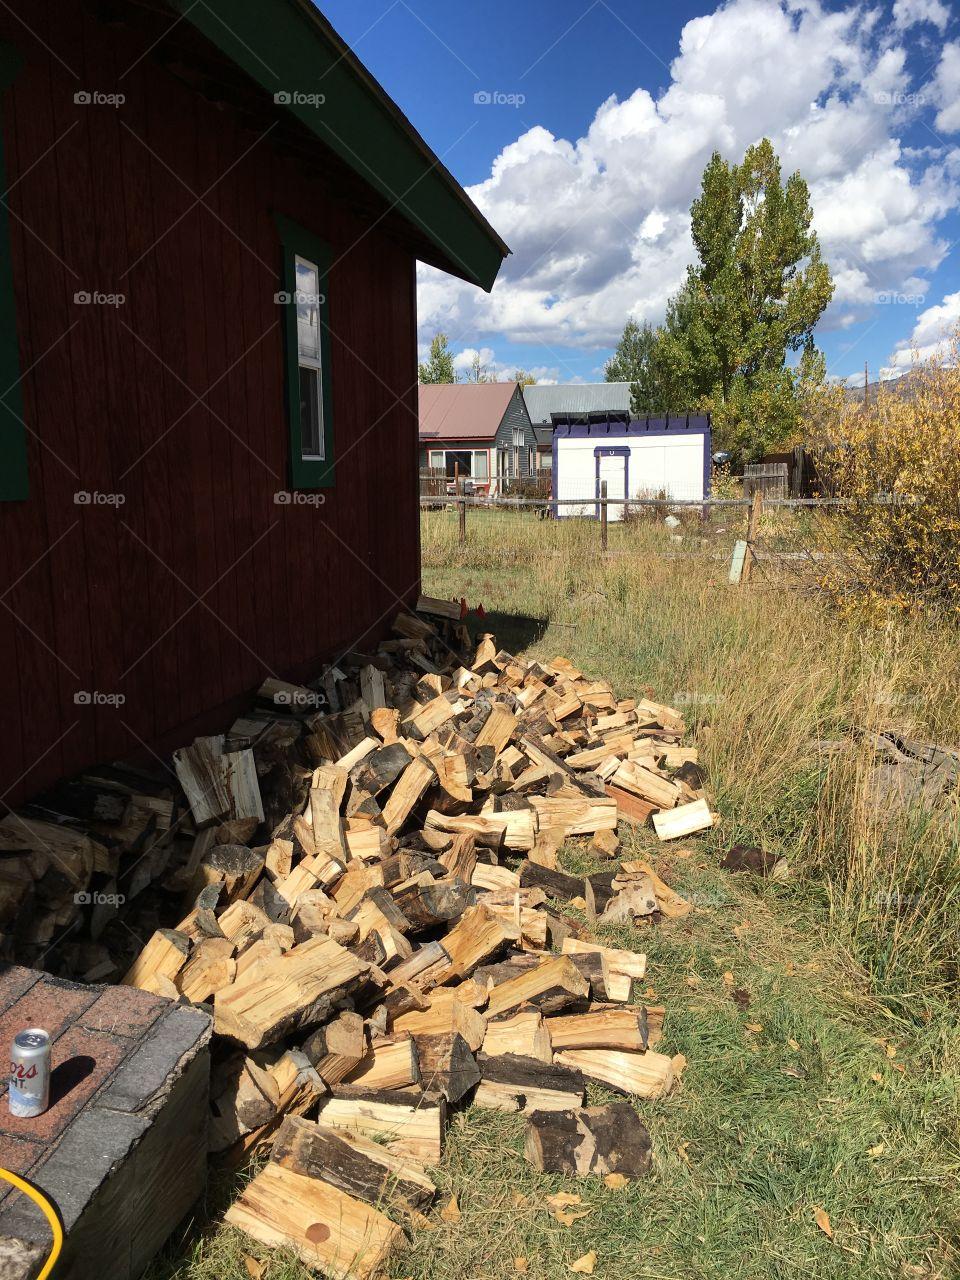 Fallen wood stack